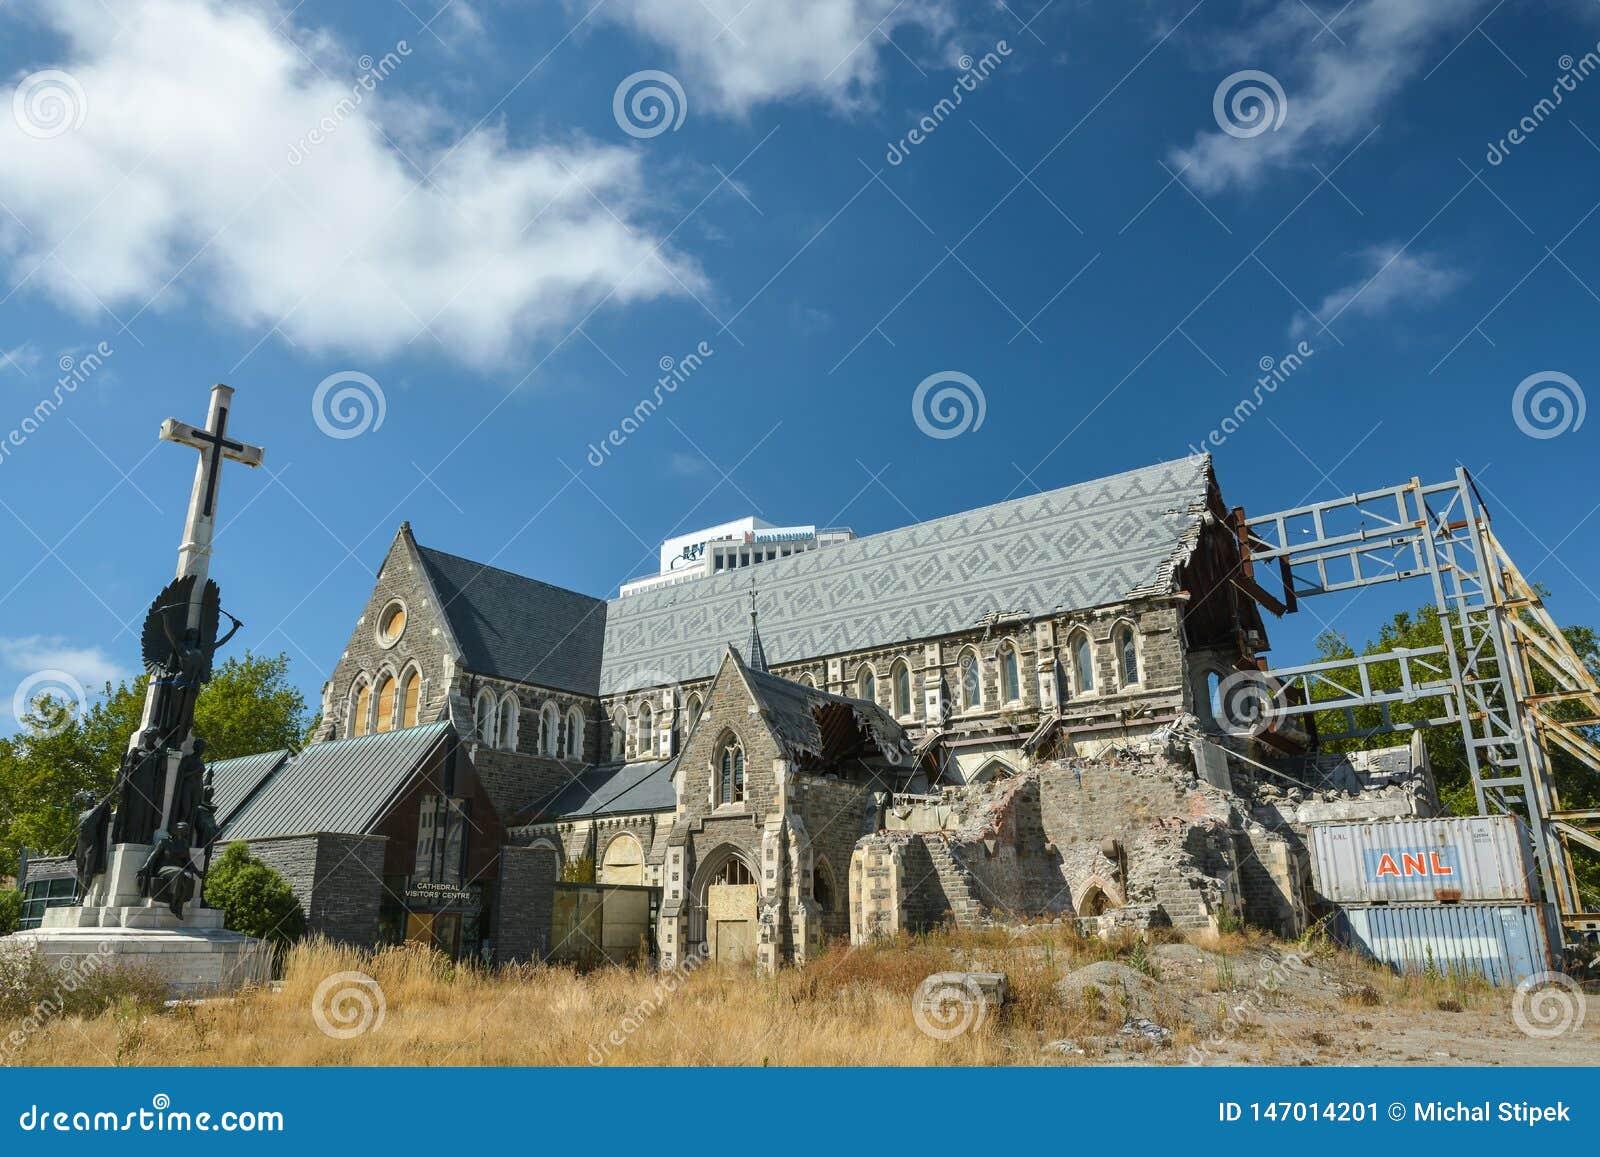 Catedral em Christchurch, Nova Zelândia, devastada pelo terremoto forte